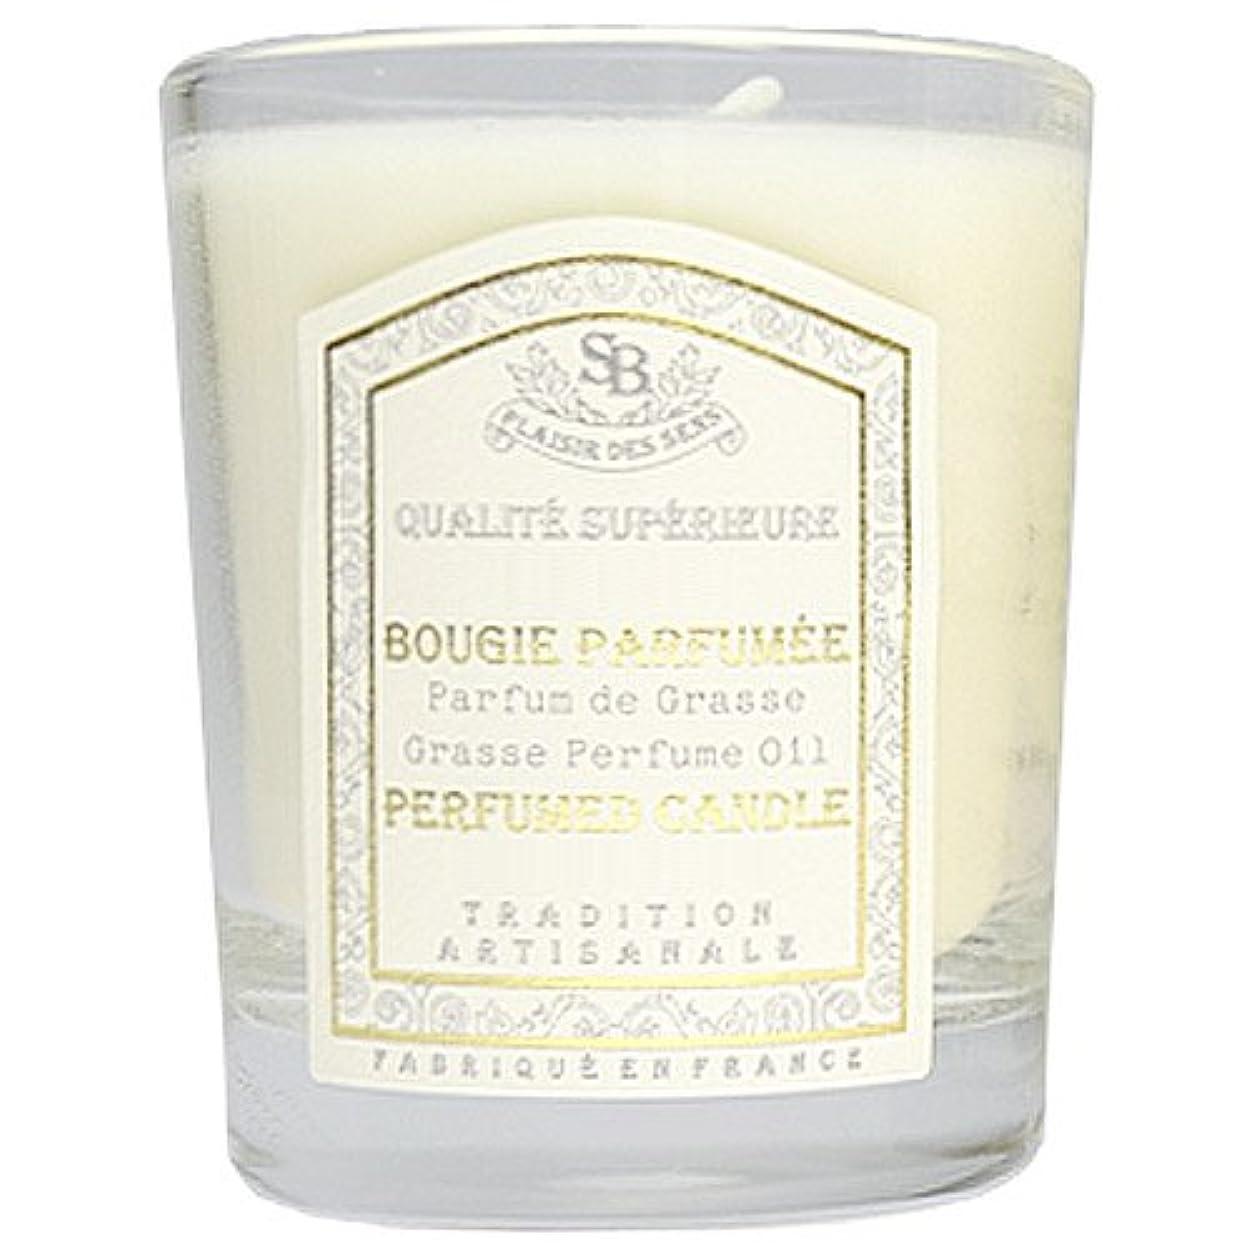 禁輸何よりもポルティコSenteur et Beaute(サンタールエボーテ) フレンチクラシックシリーズ グラスキャンドル 90g 「リリーガーデニア」 4994228022004